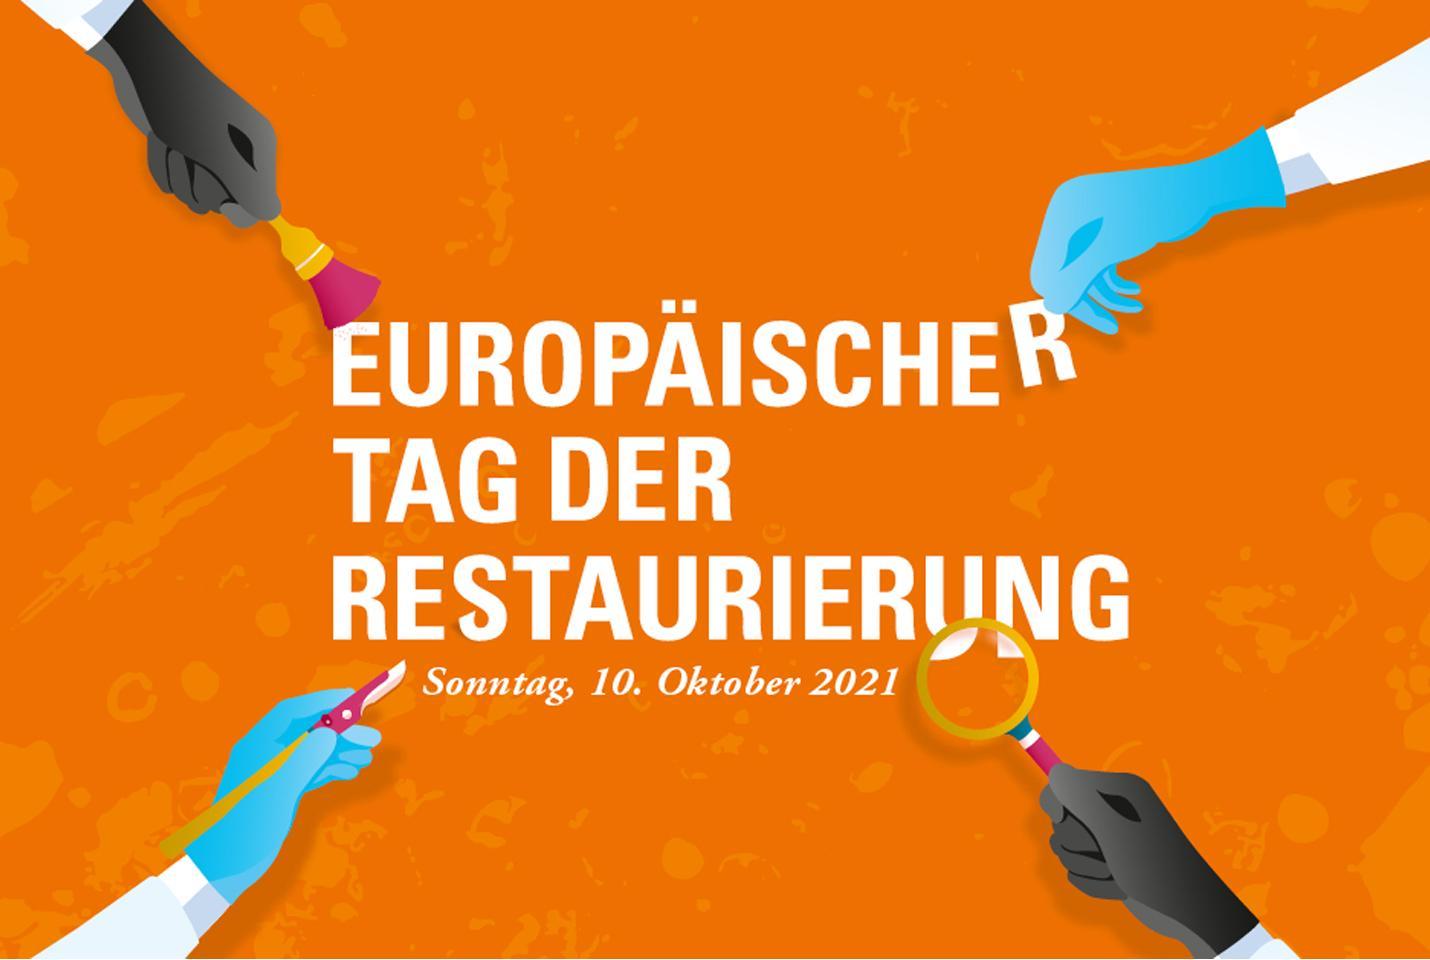 Europäischer Tag der Restaurierung